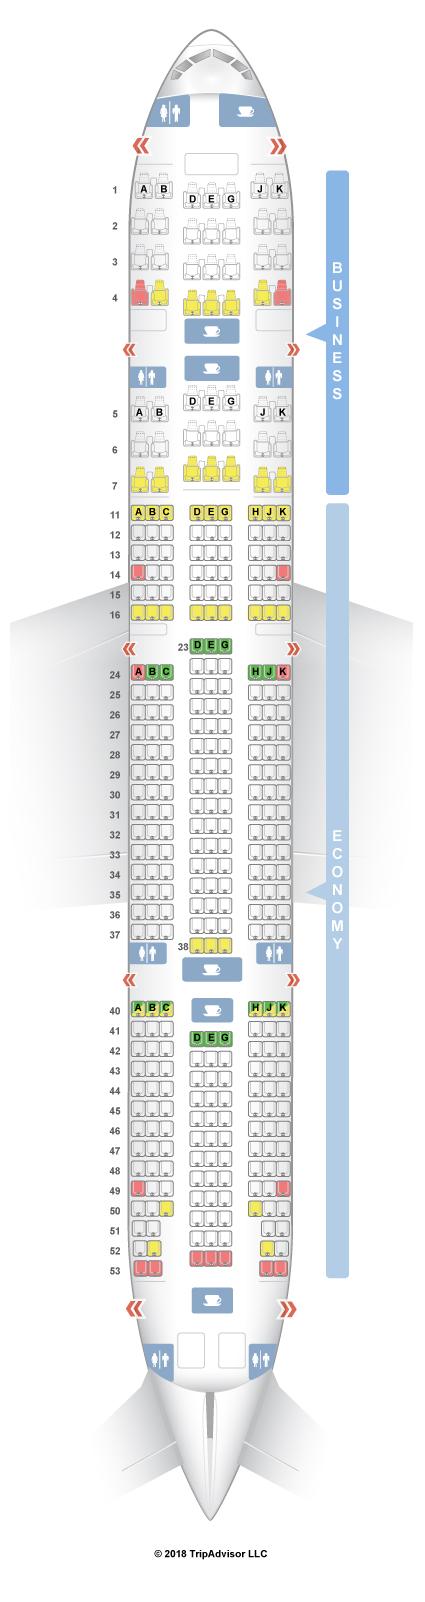 SeatGuru Seat Map Turkish Airlines Boeing 777-300ER (77W) V2